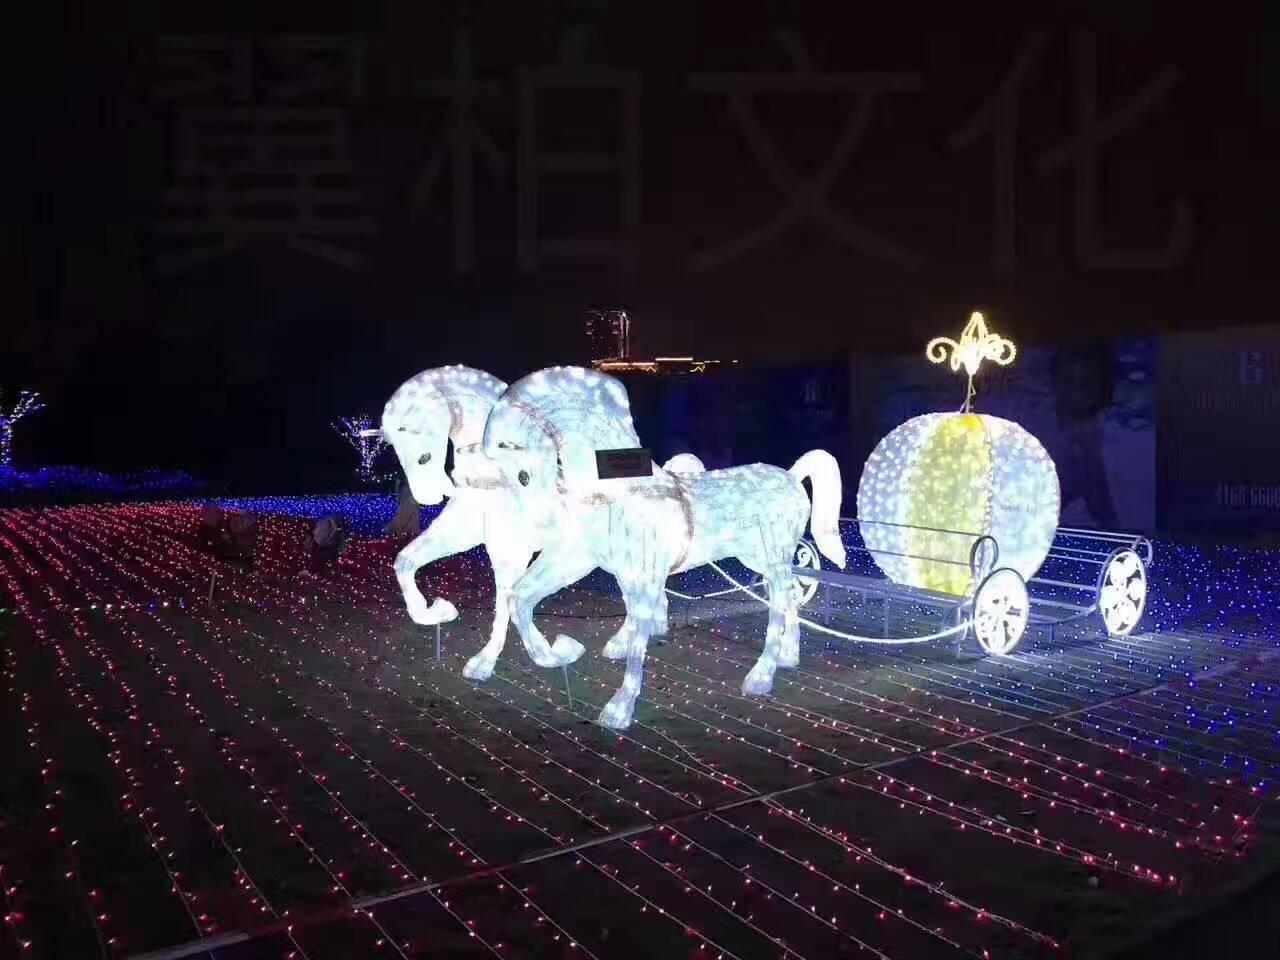 海淀有口碑的灯光节厂家_郑州浪漫灯光节造型出售找亚飞展览